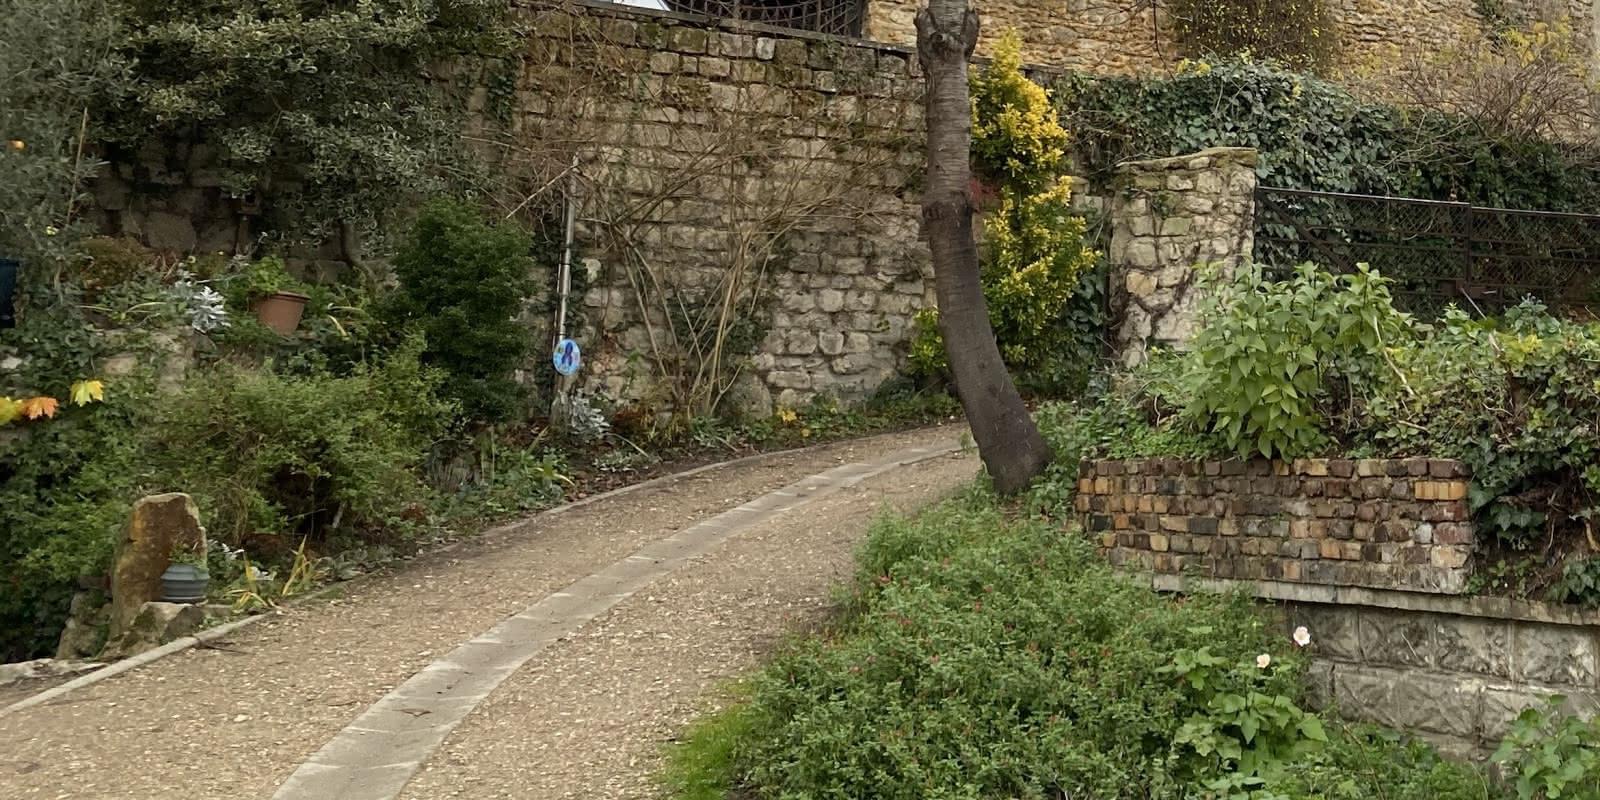 rues d'Auvers avec bordures fleuries et murs de soutenement du côteau